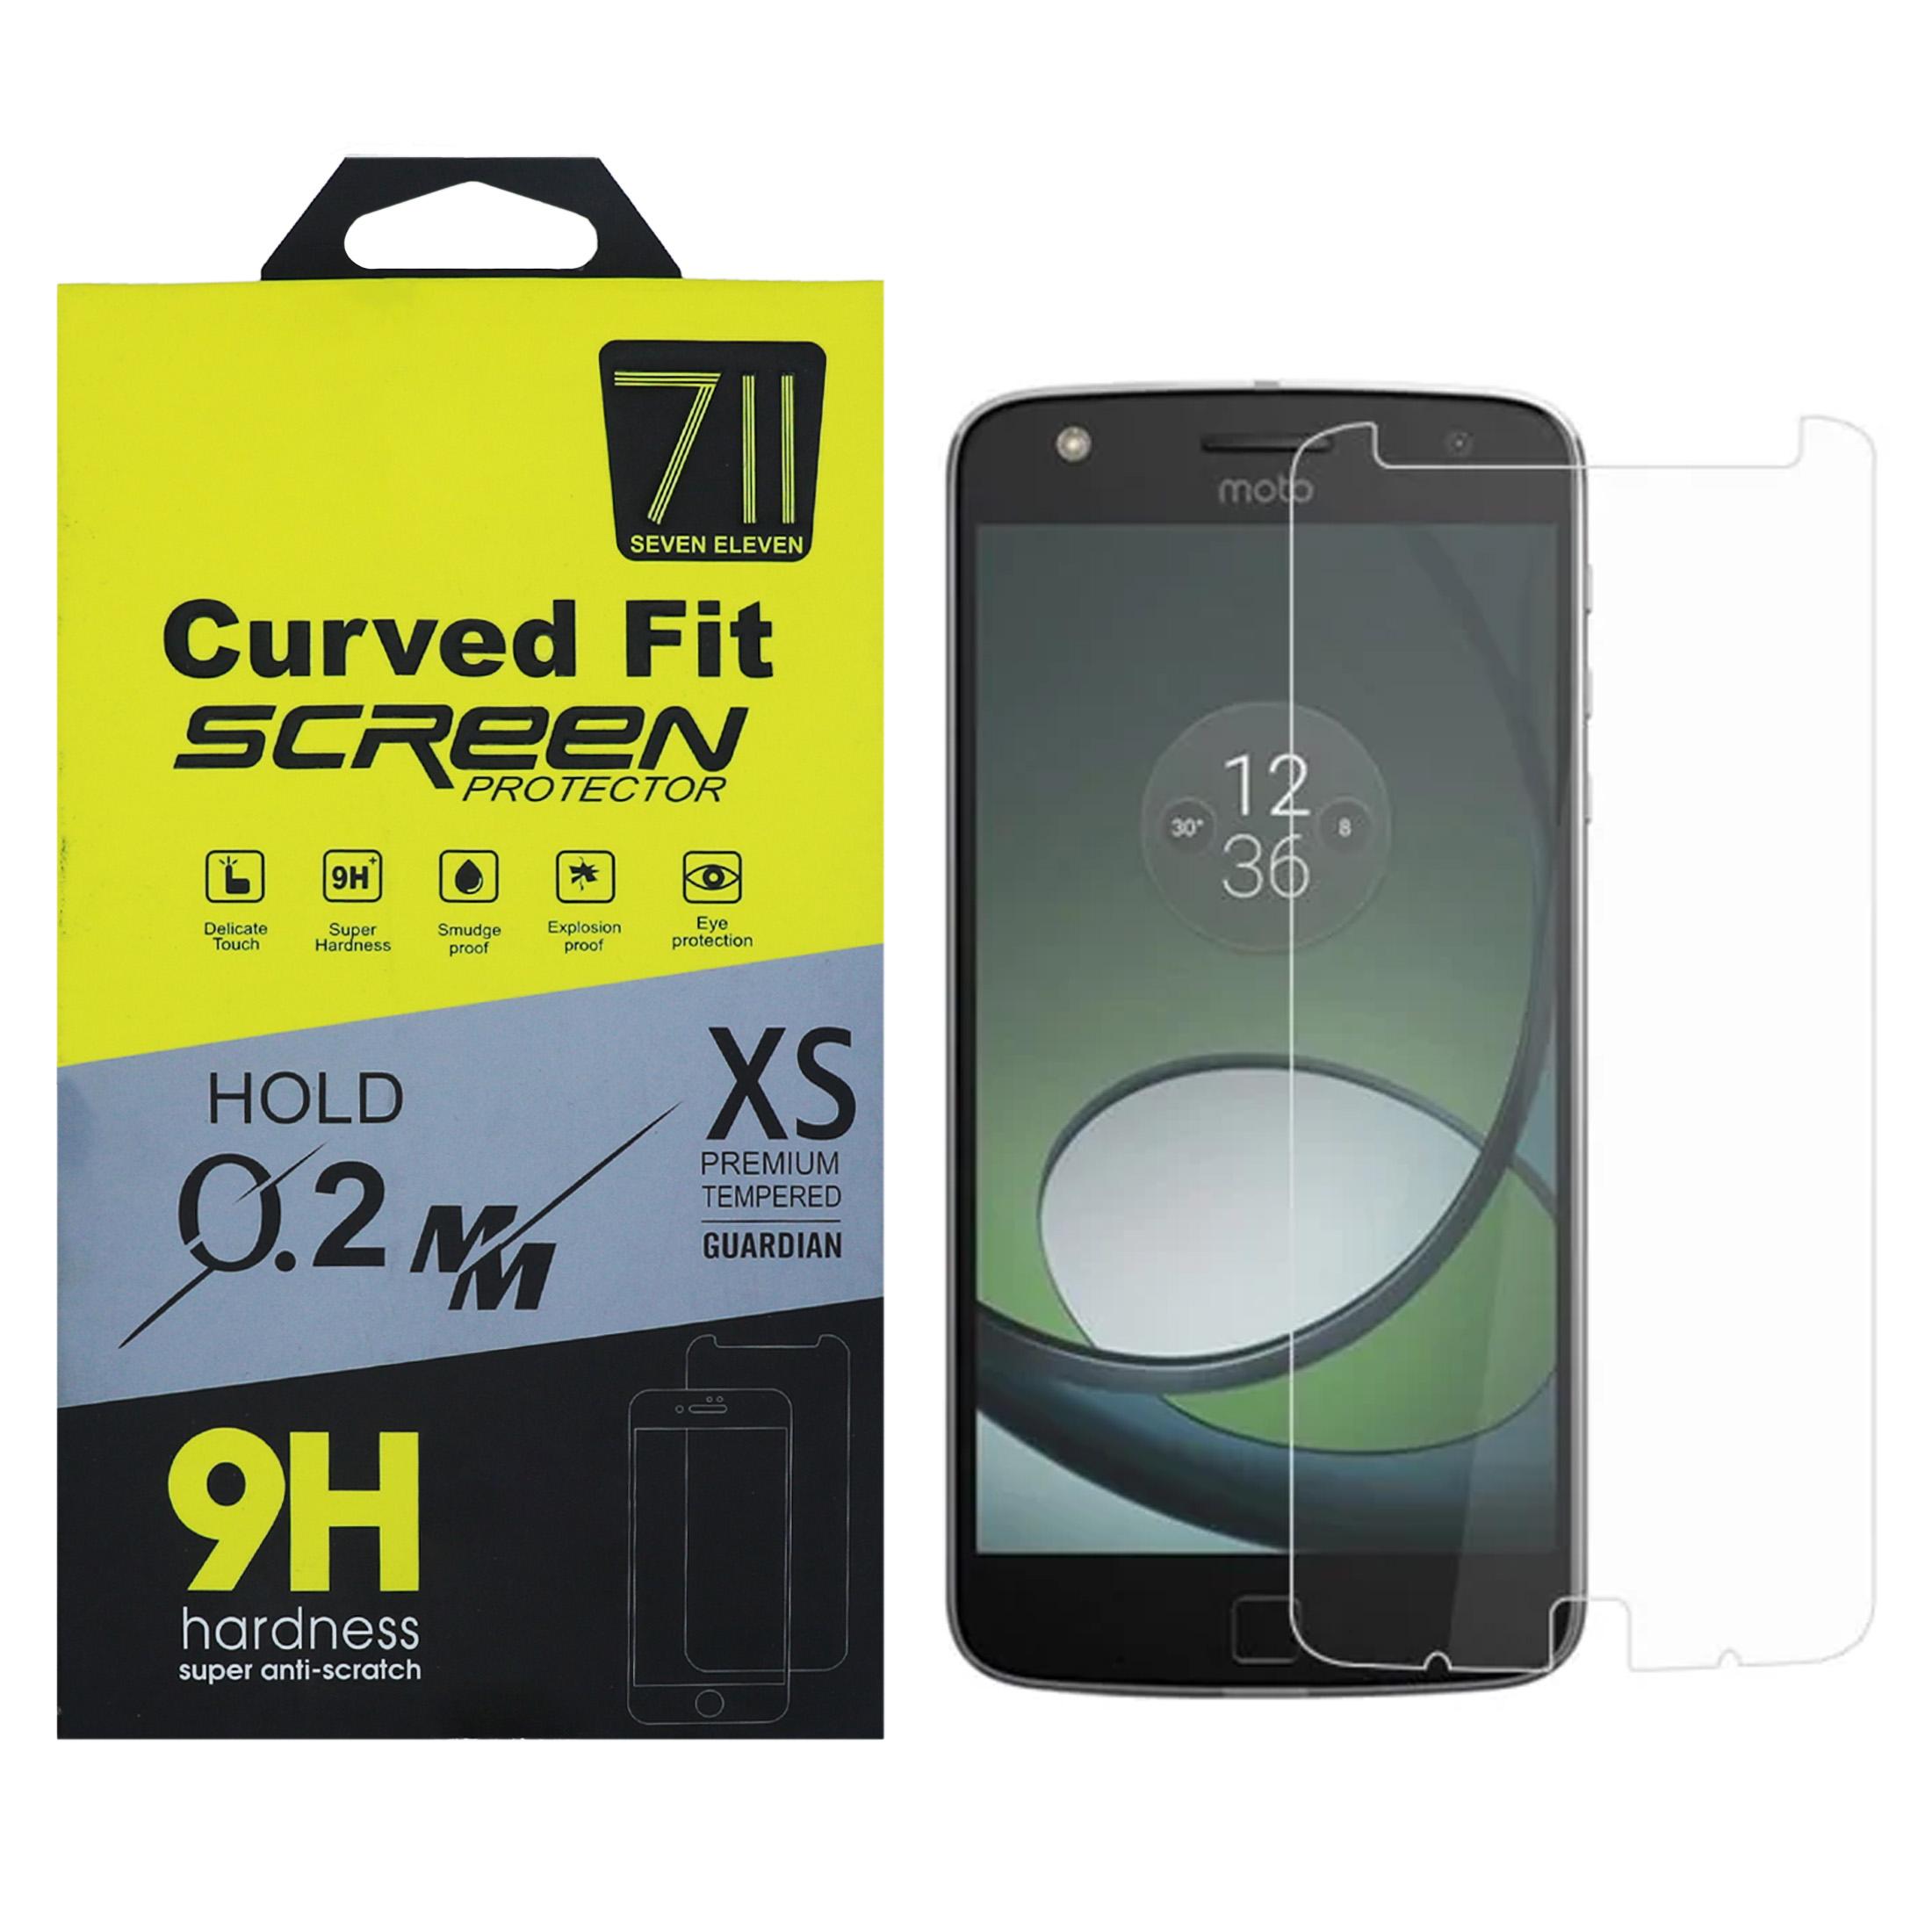 محافظ صفحه نمایش سون الون مدل Tmp مناسب برای گوشی موبایل موتورولا Moto Z